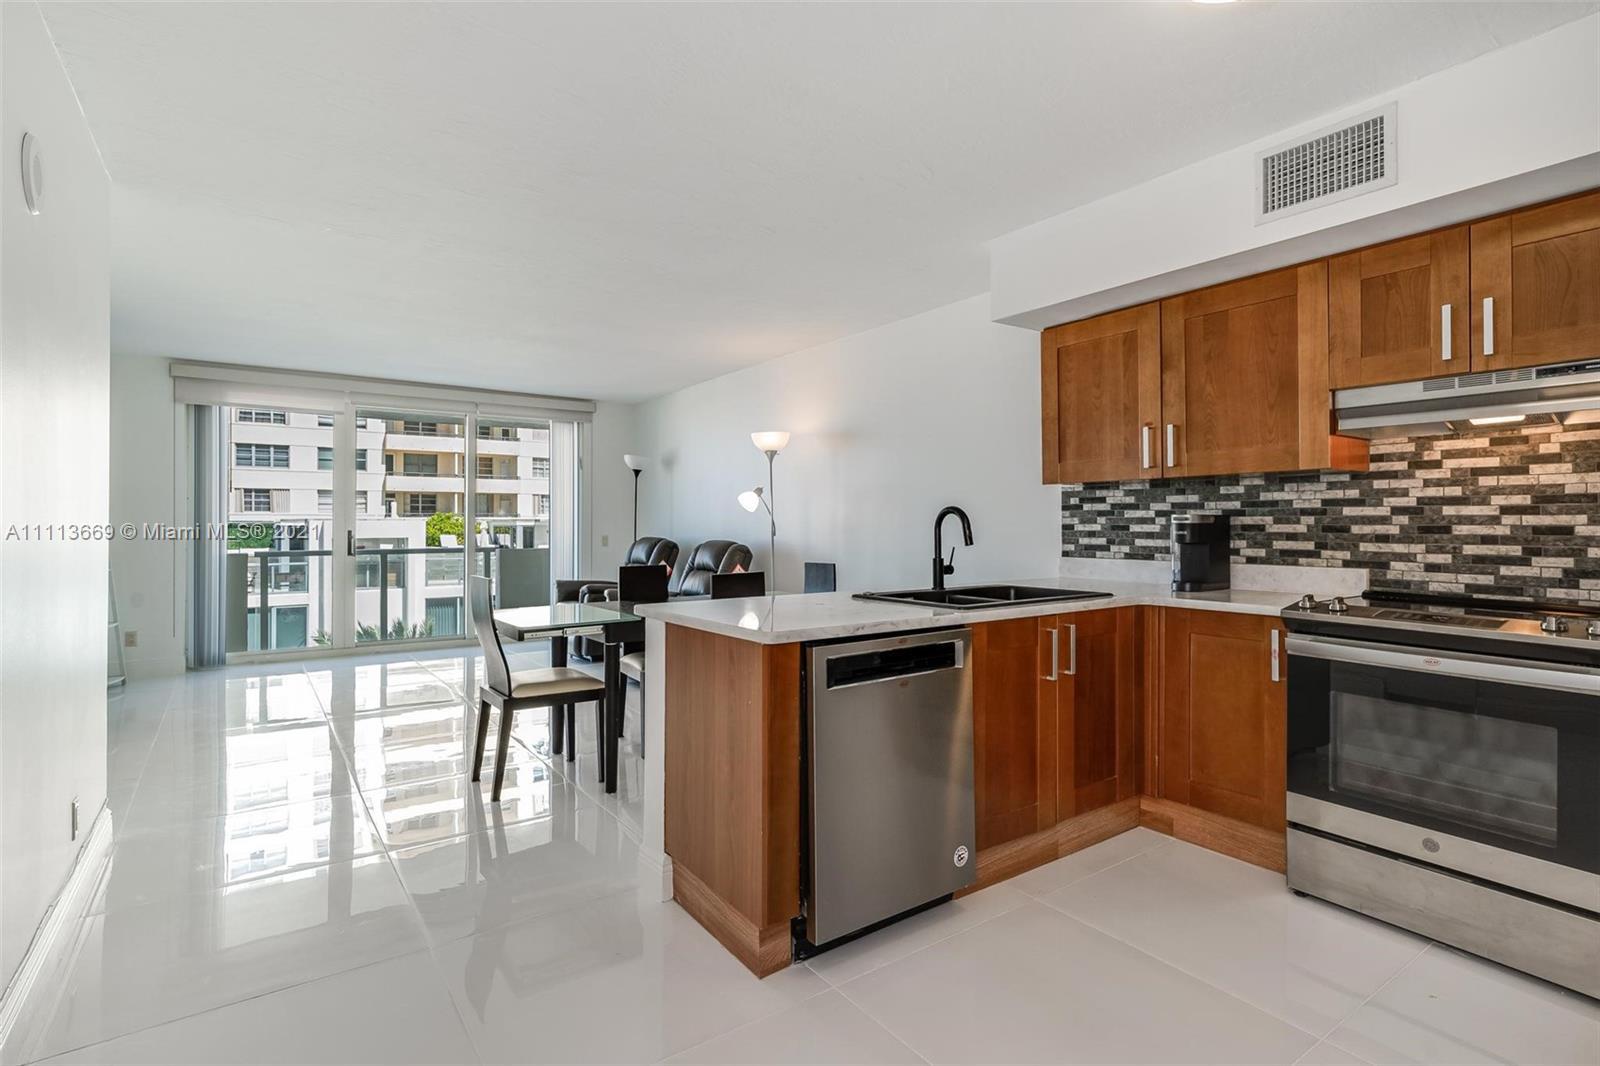 9499 NE Collins Ave #510 For Sale A11113669, FL